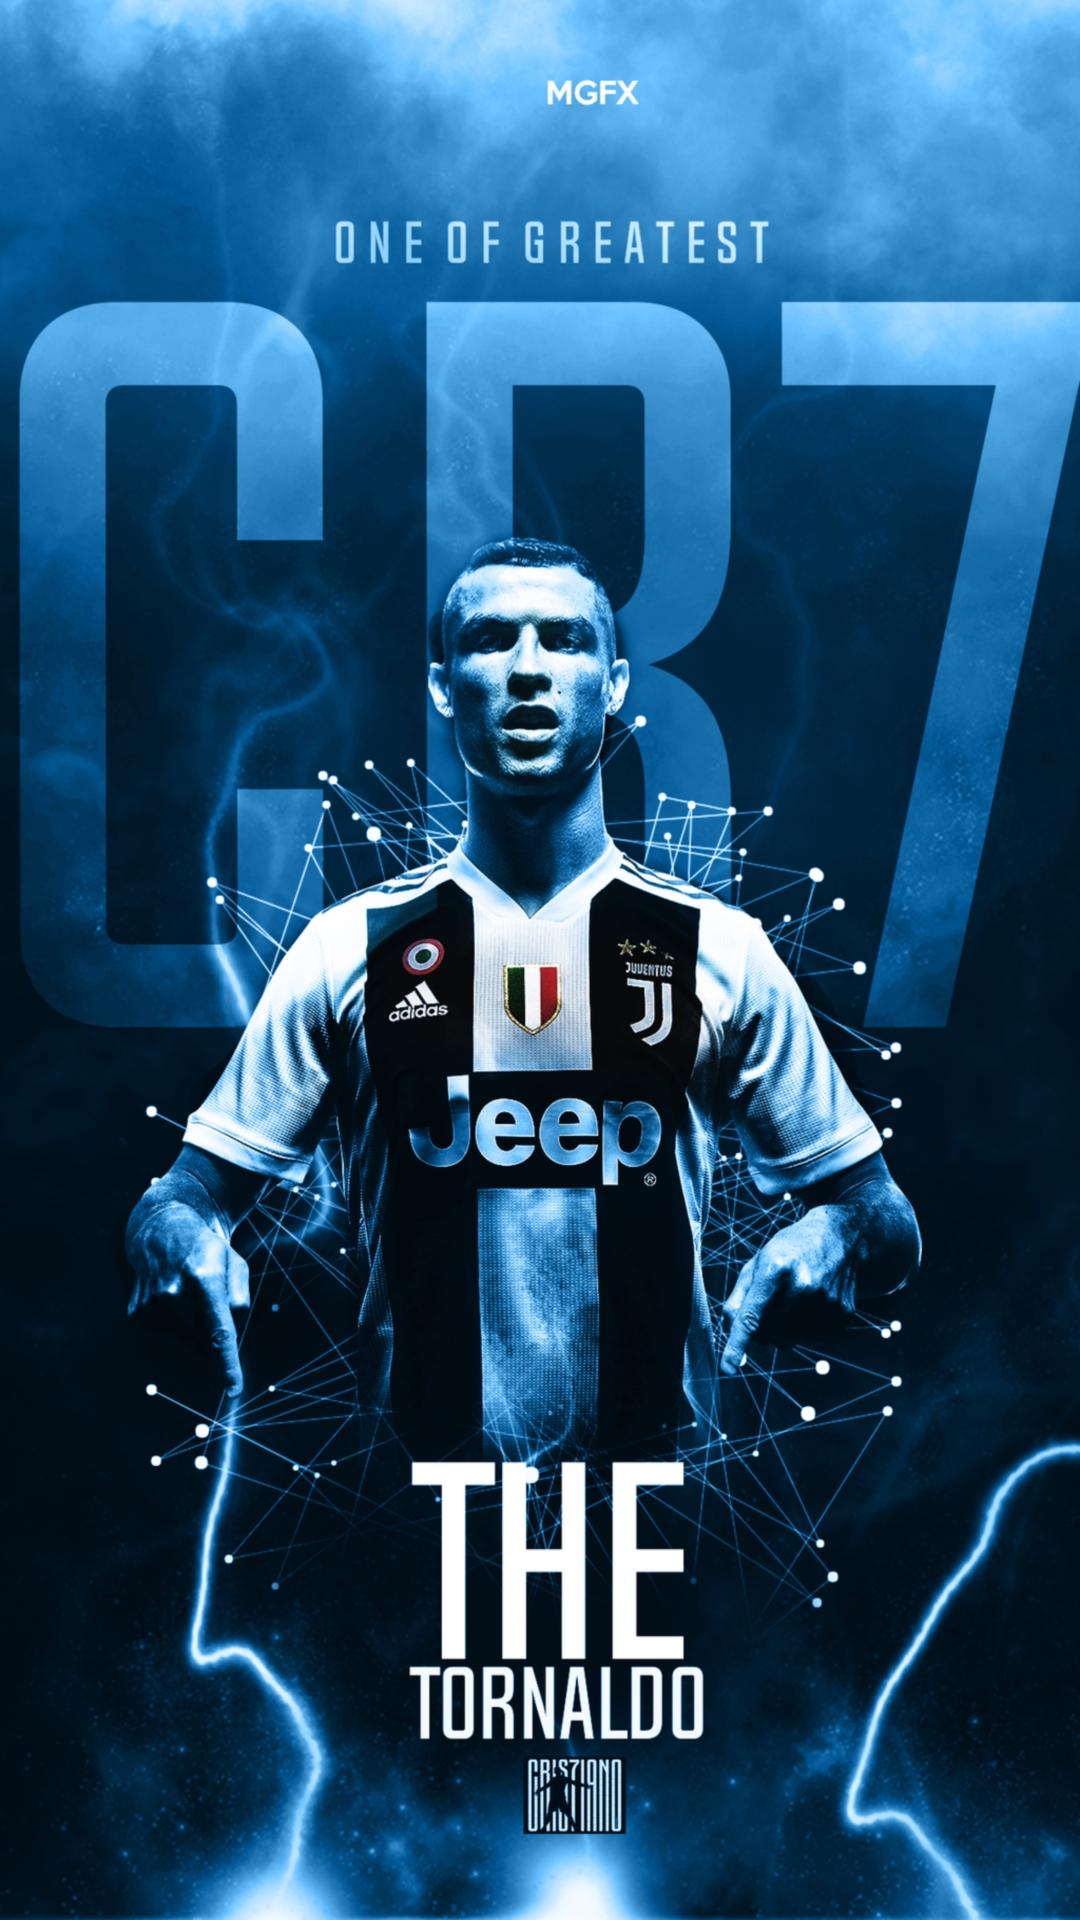 Sports/Cristiano Ronaldo (1080x1920) Wallpaper ID: 752332 ...